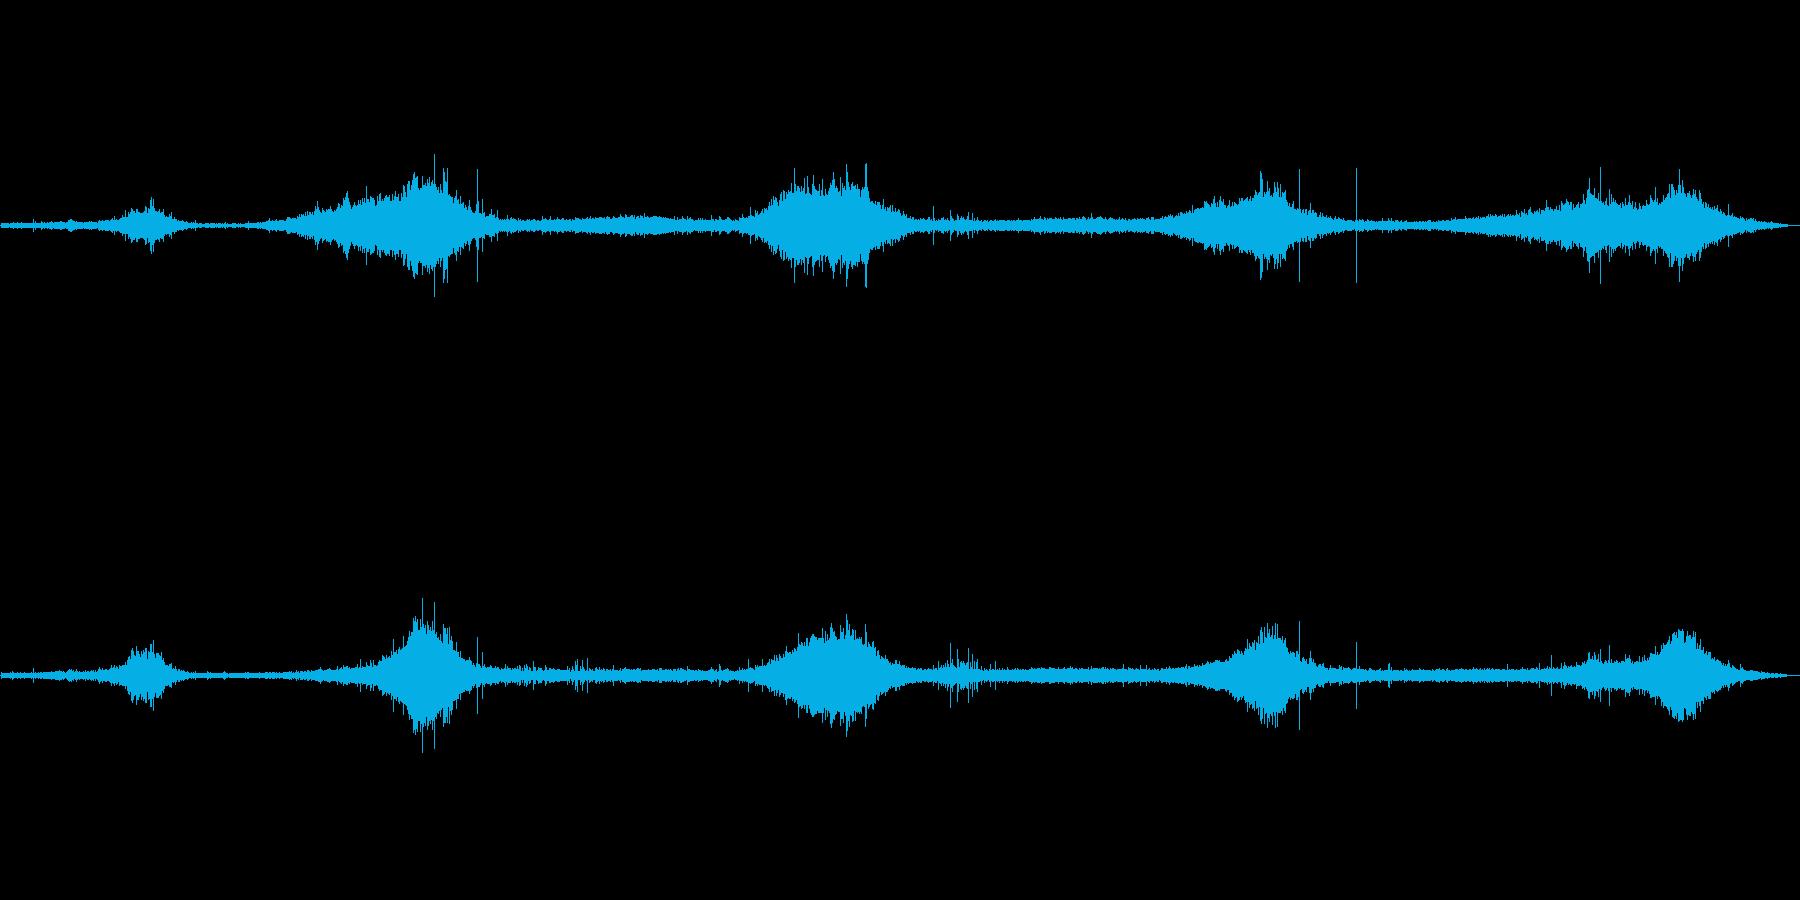 ゴットランド島の波の音 弱め ザザーの再生済みの波形